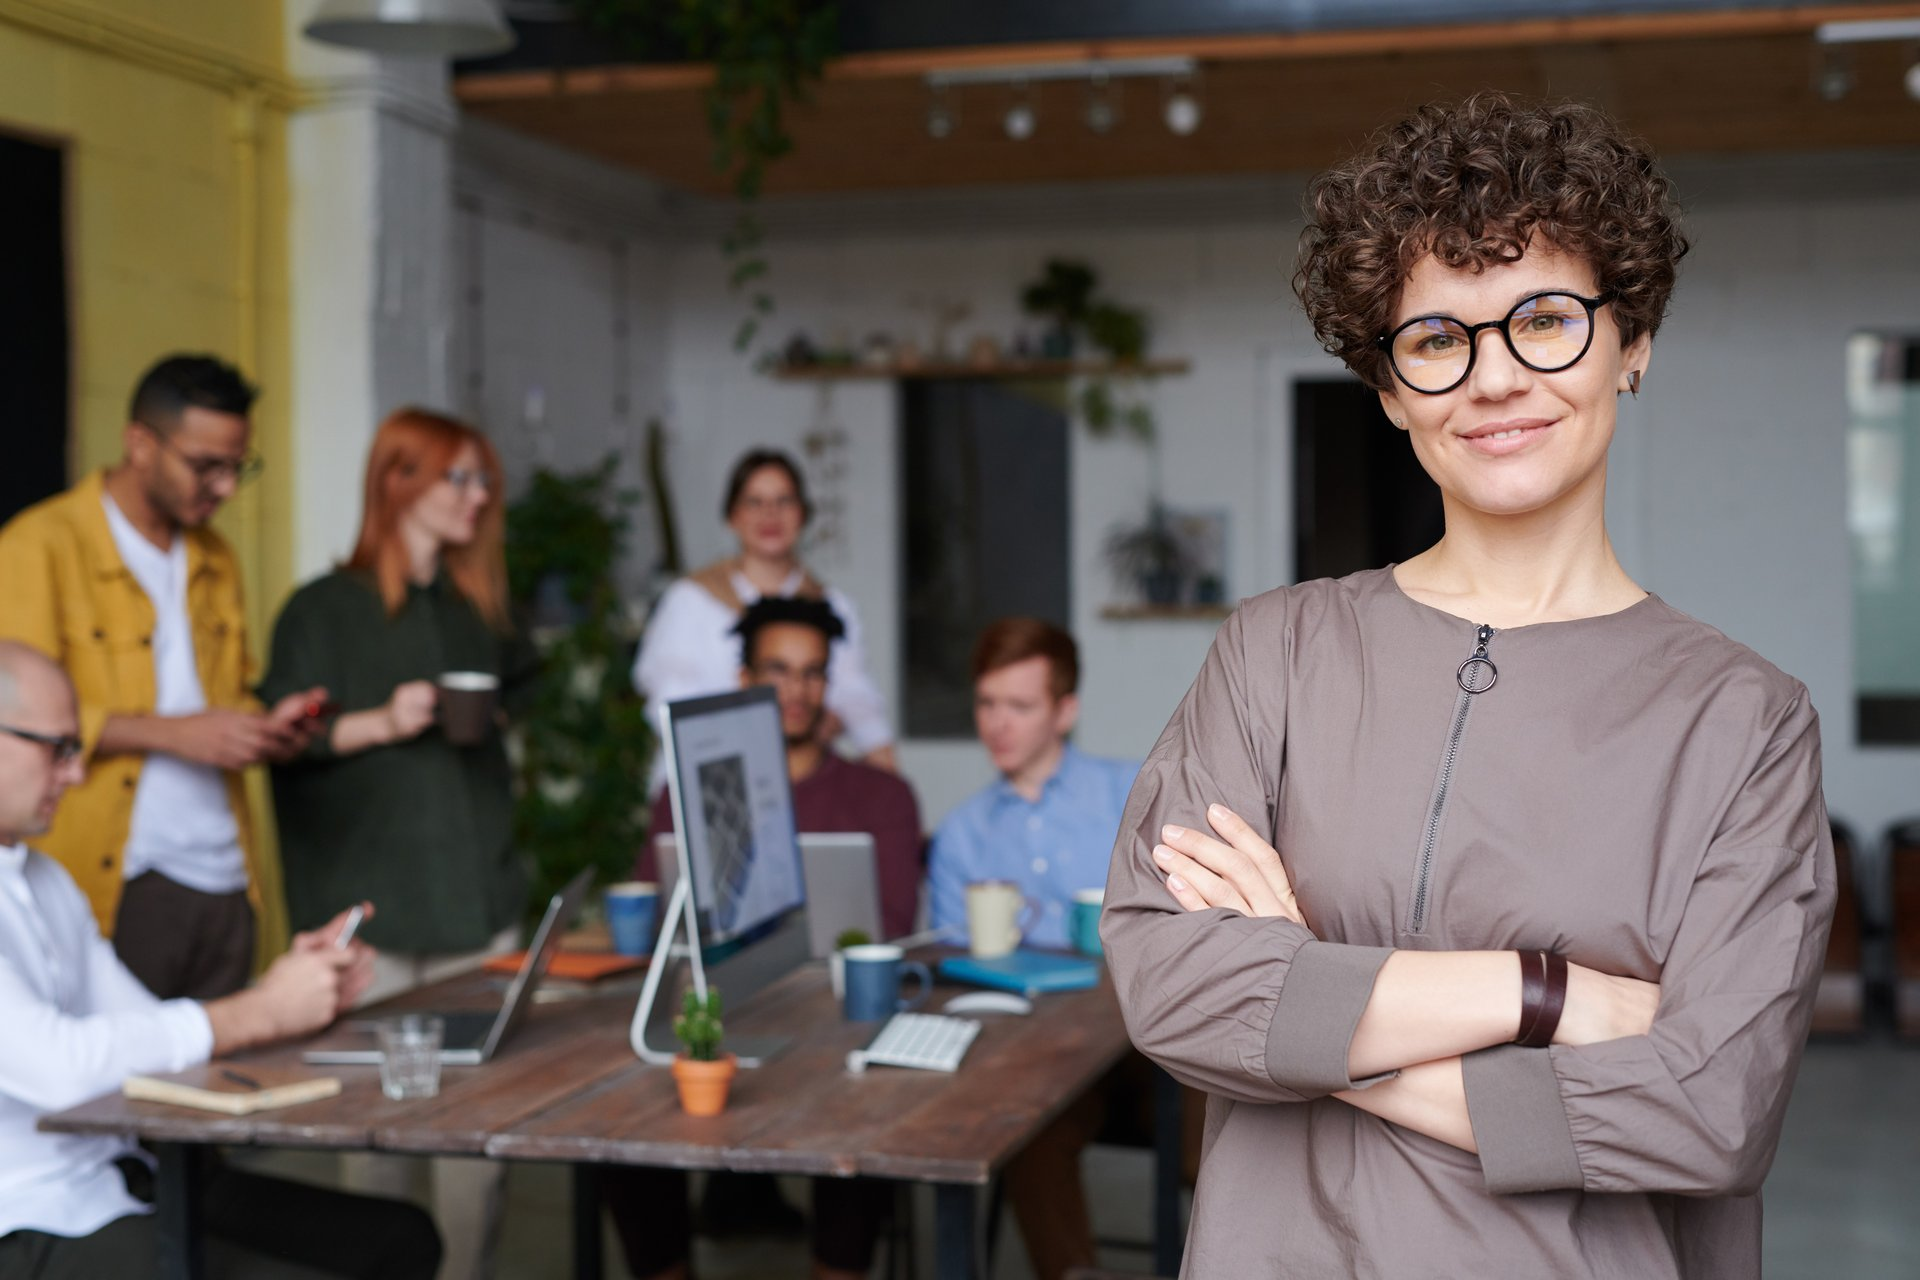 Frau mit Brille schaut in Kamera, hinter ihr sitzen Menschen im Meeting am Schreibtisch.